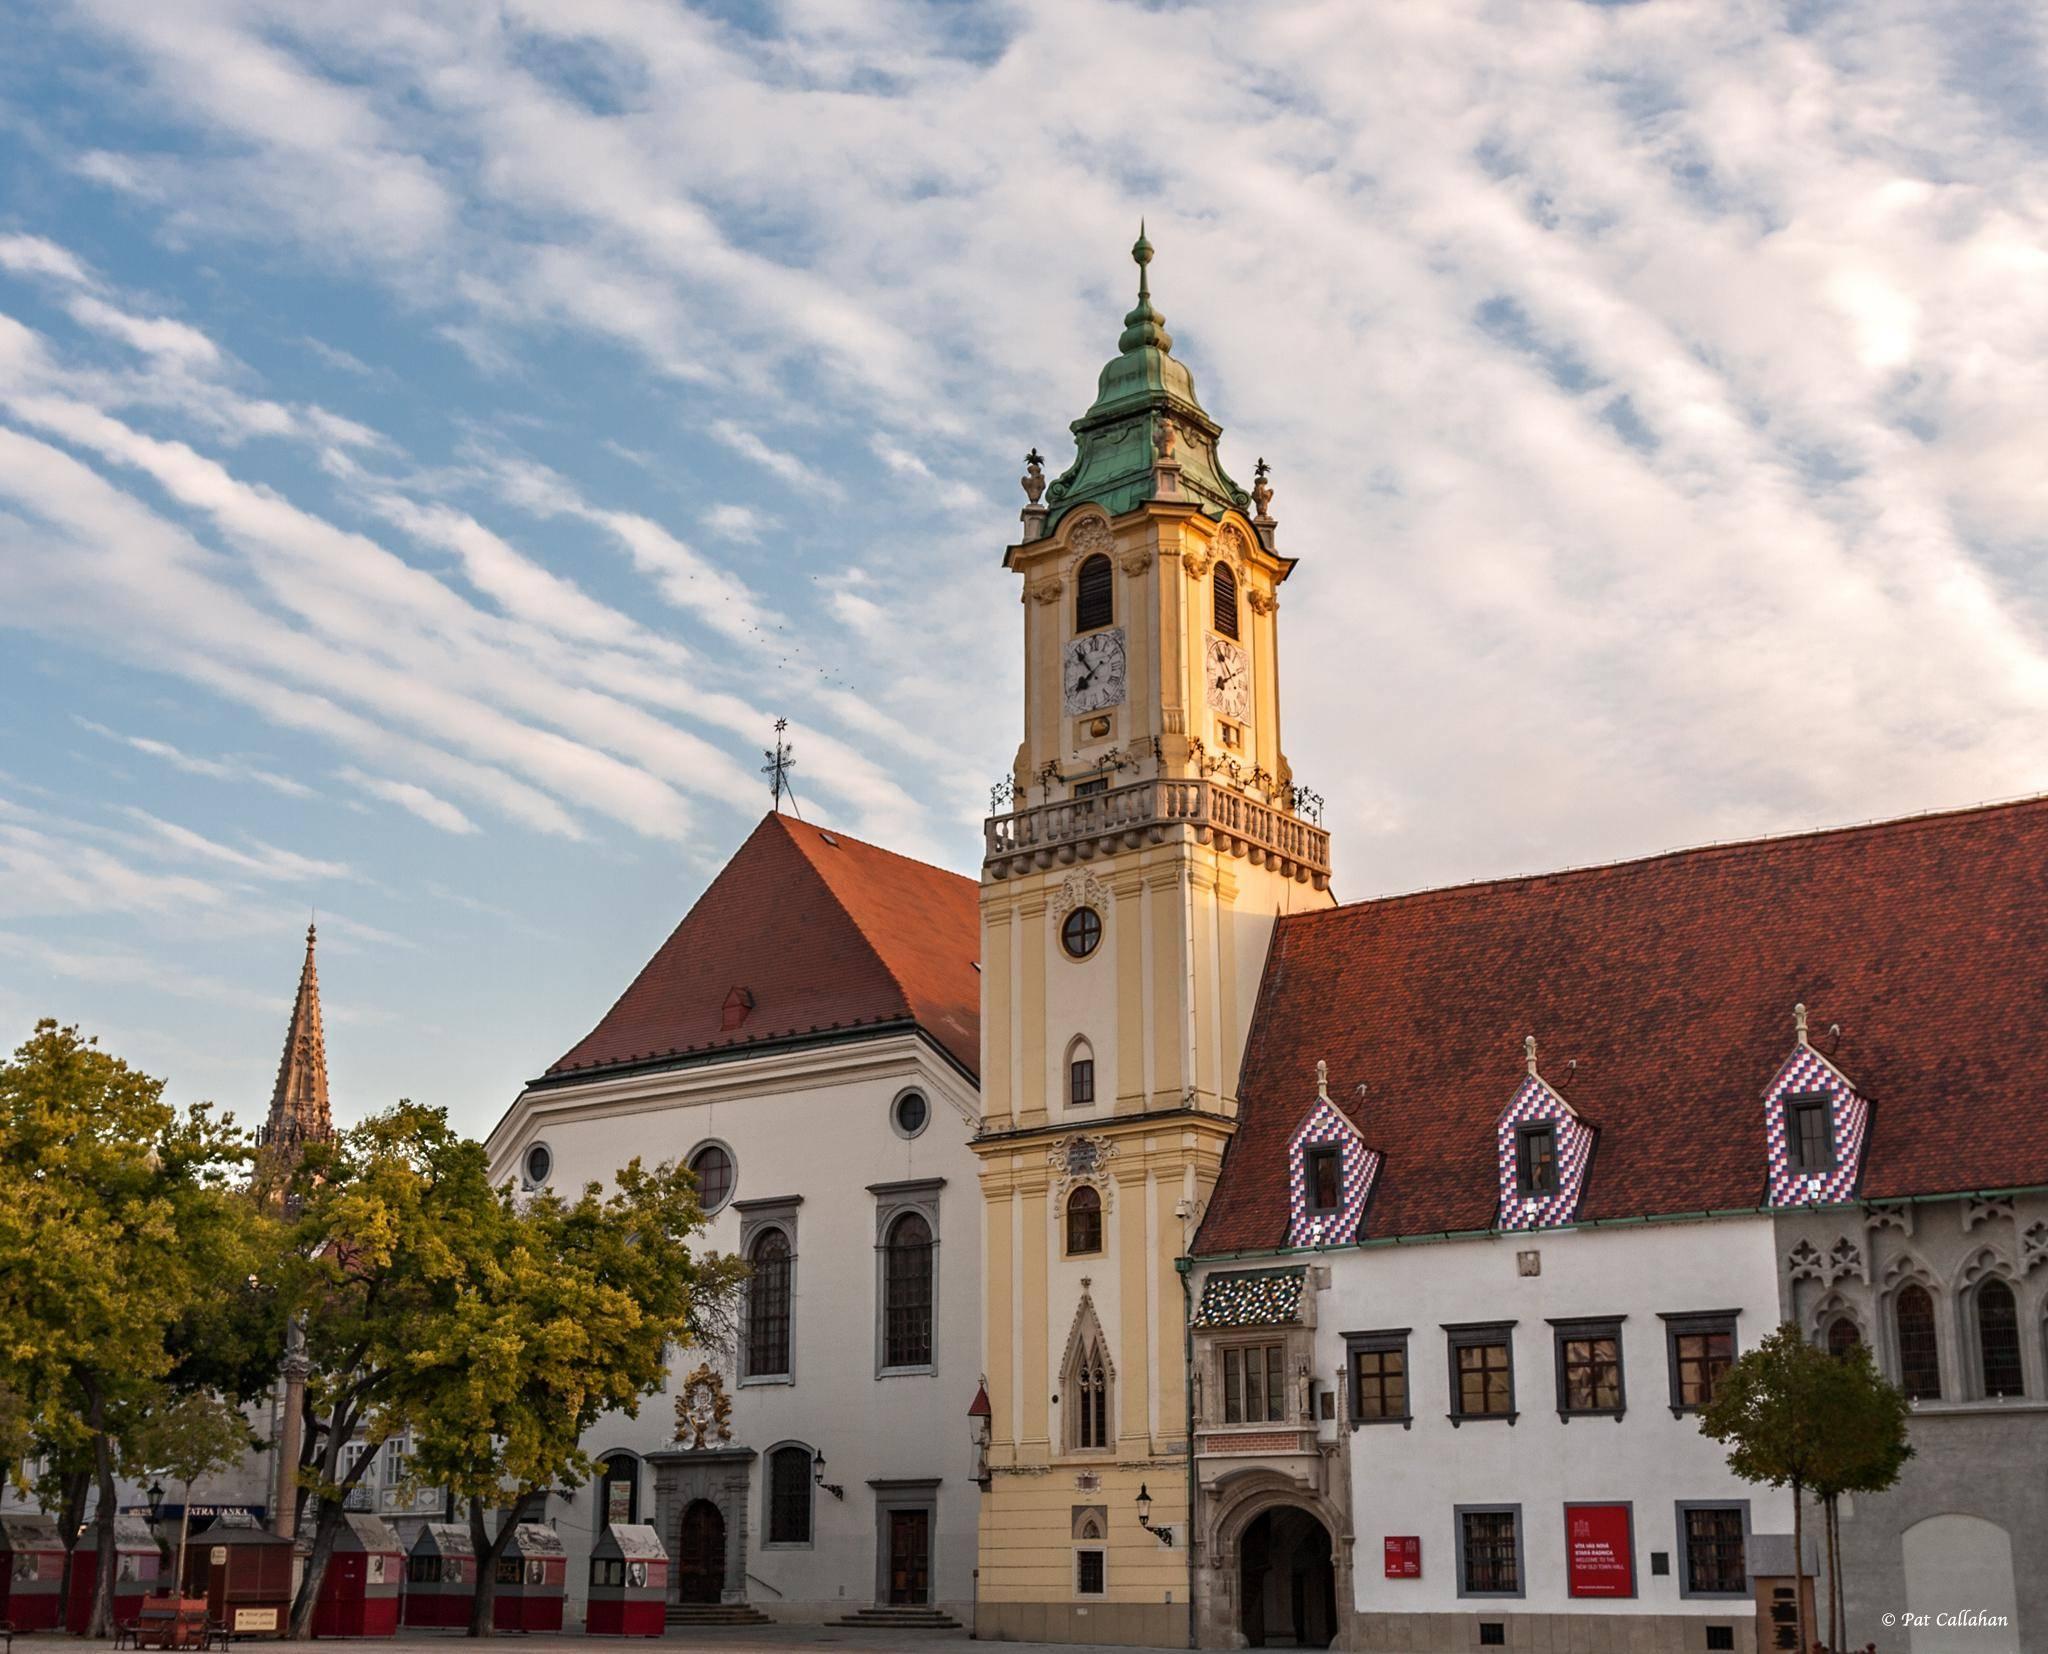 Колоритная Старая ратуша в городе Мюнхен